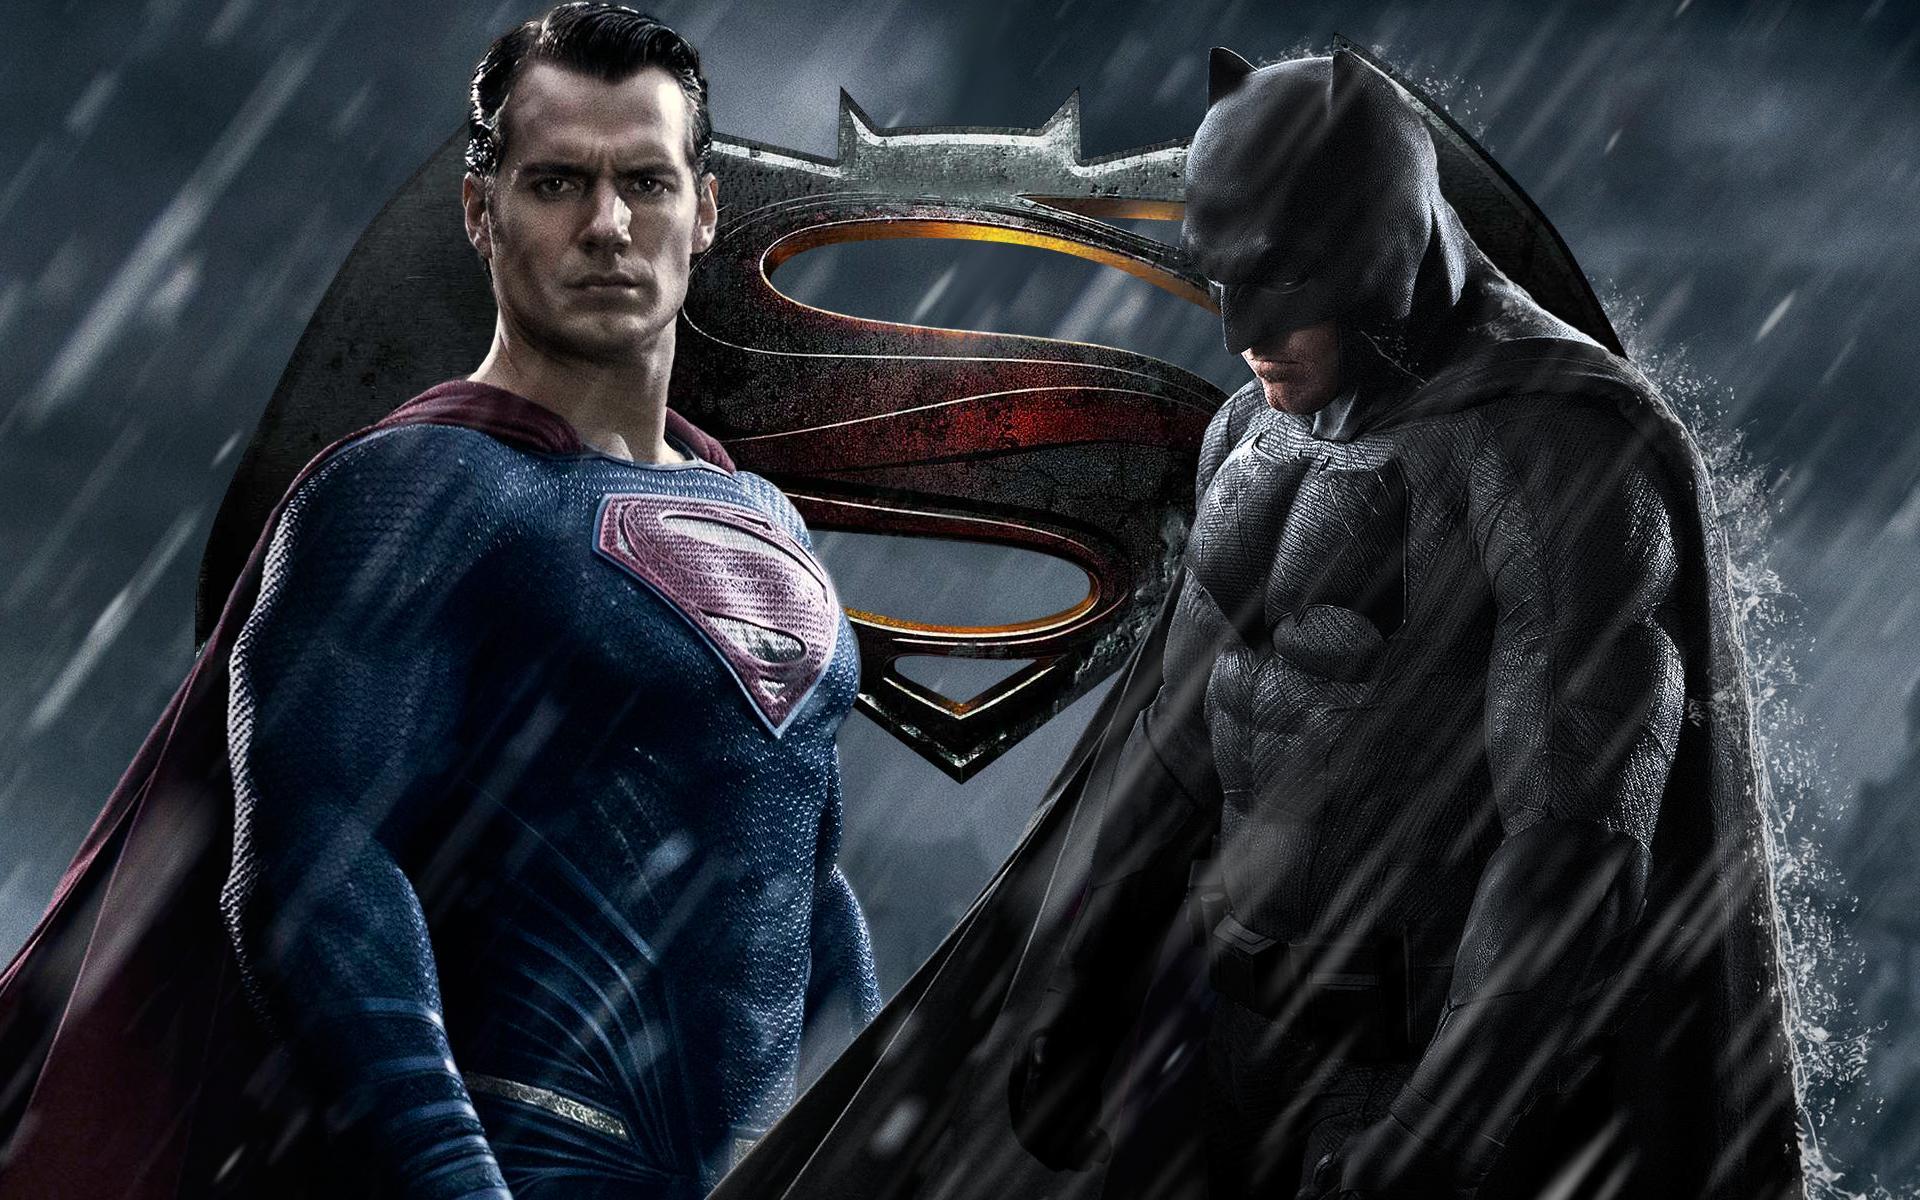 Новый тизер фильма Бэтмен против Супермена появился в сети